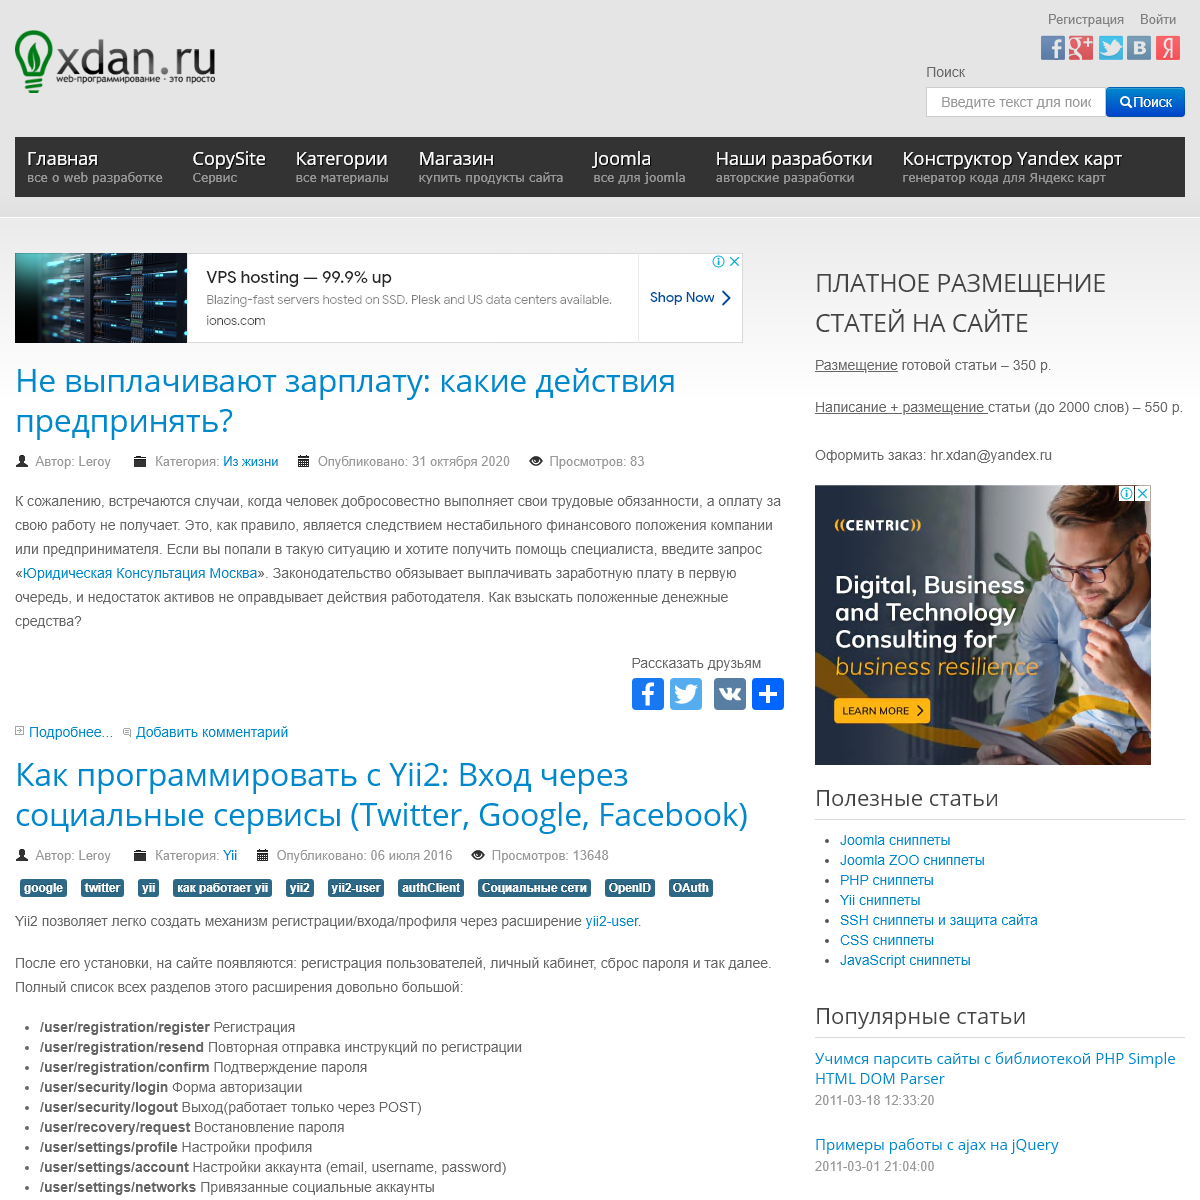 Все о web разработке на xdan.ru - Все о web разработке на xdan.ru